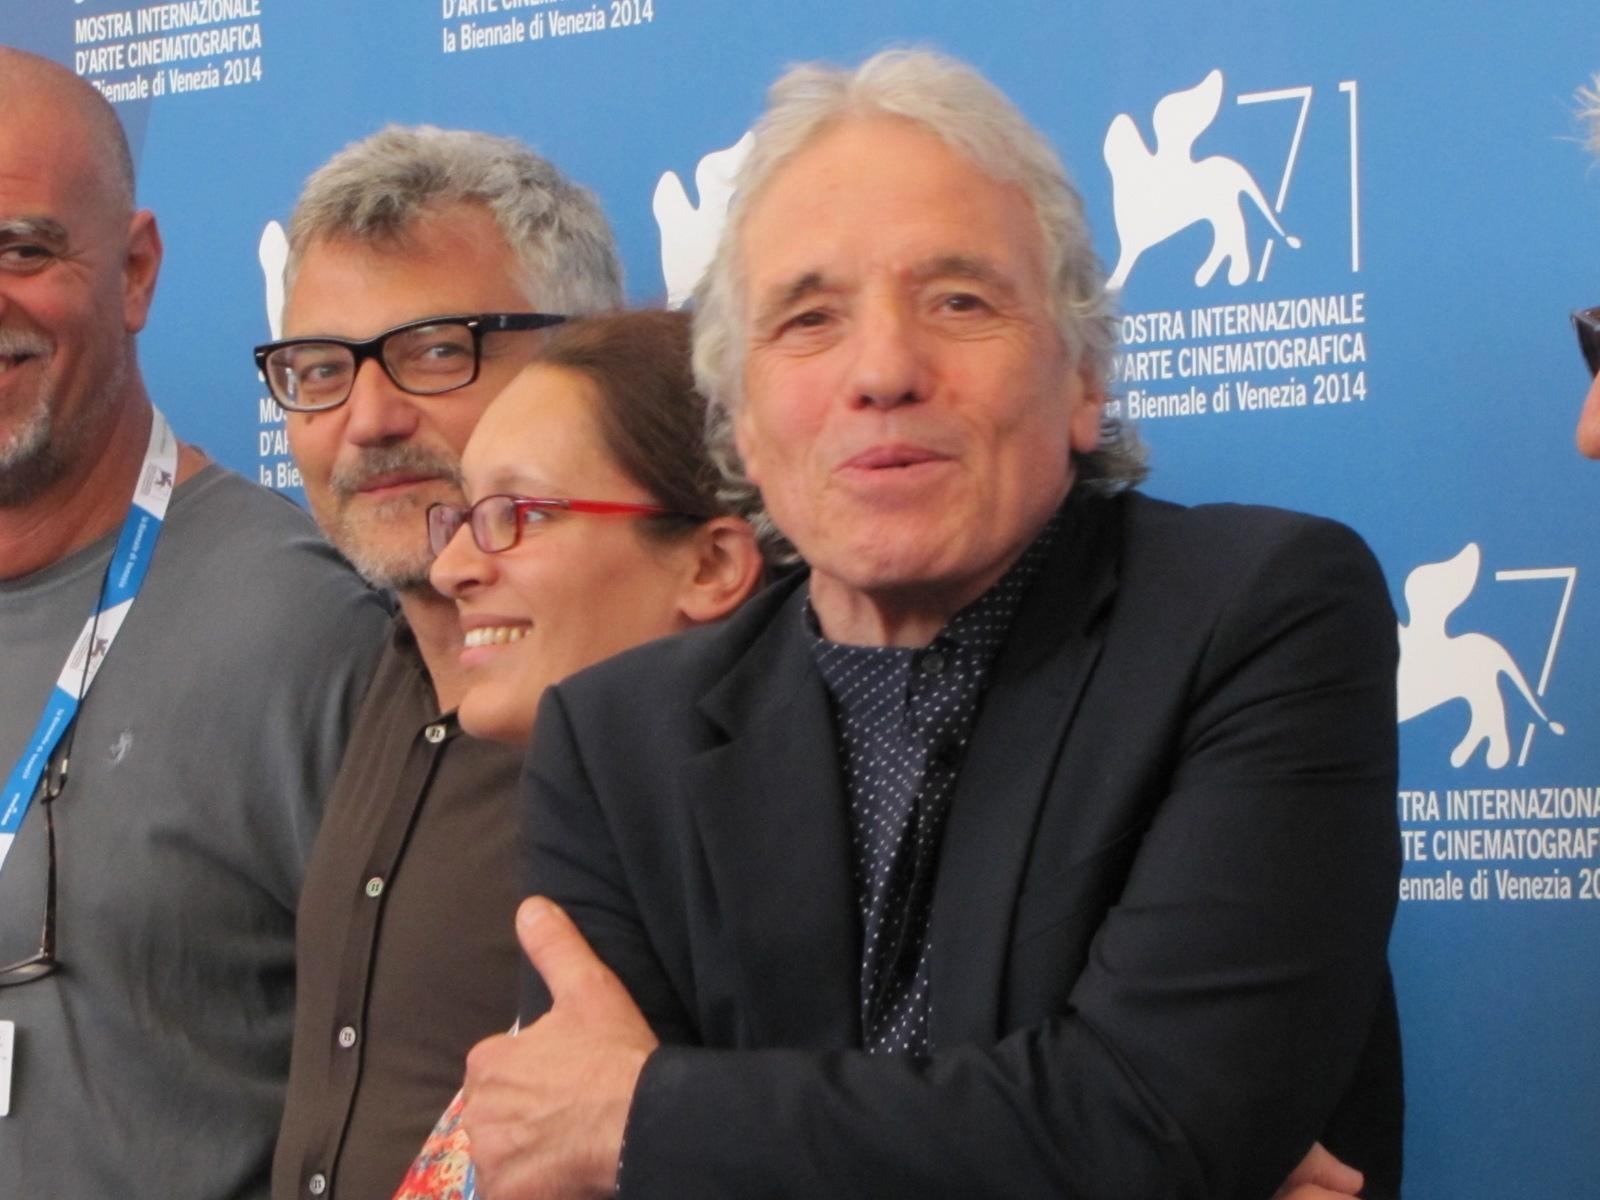 'Pasolini' a Venezia 2014 - Abel Ferrara presenta il suo film a Venezia